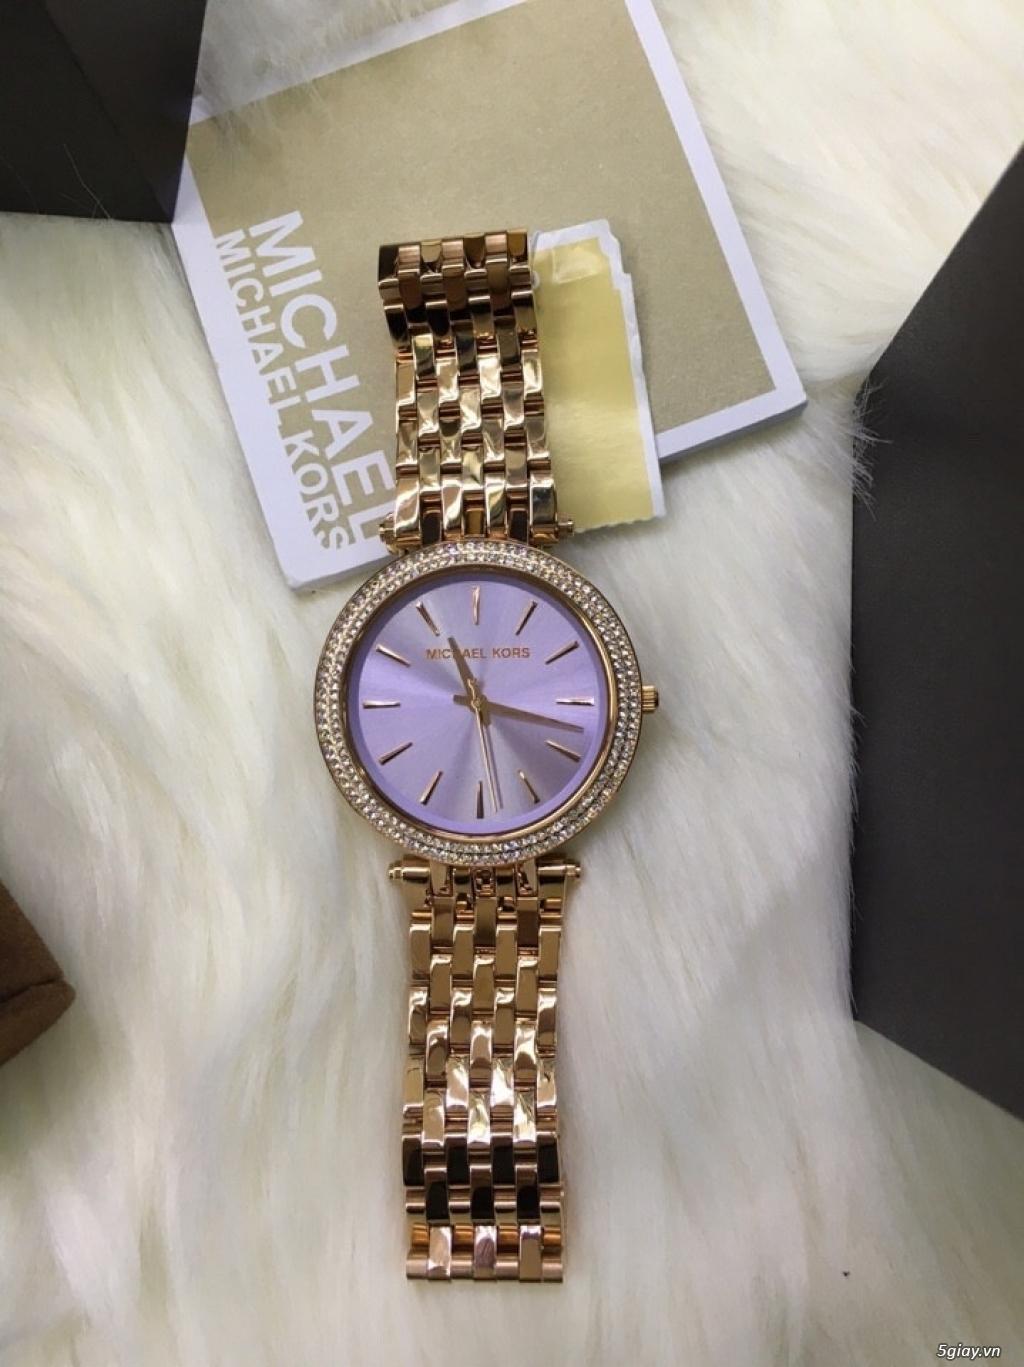 Đồng hồ chính hãng Michael Kors giá rẻ - 36